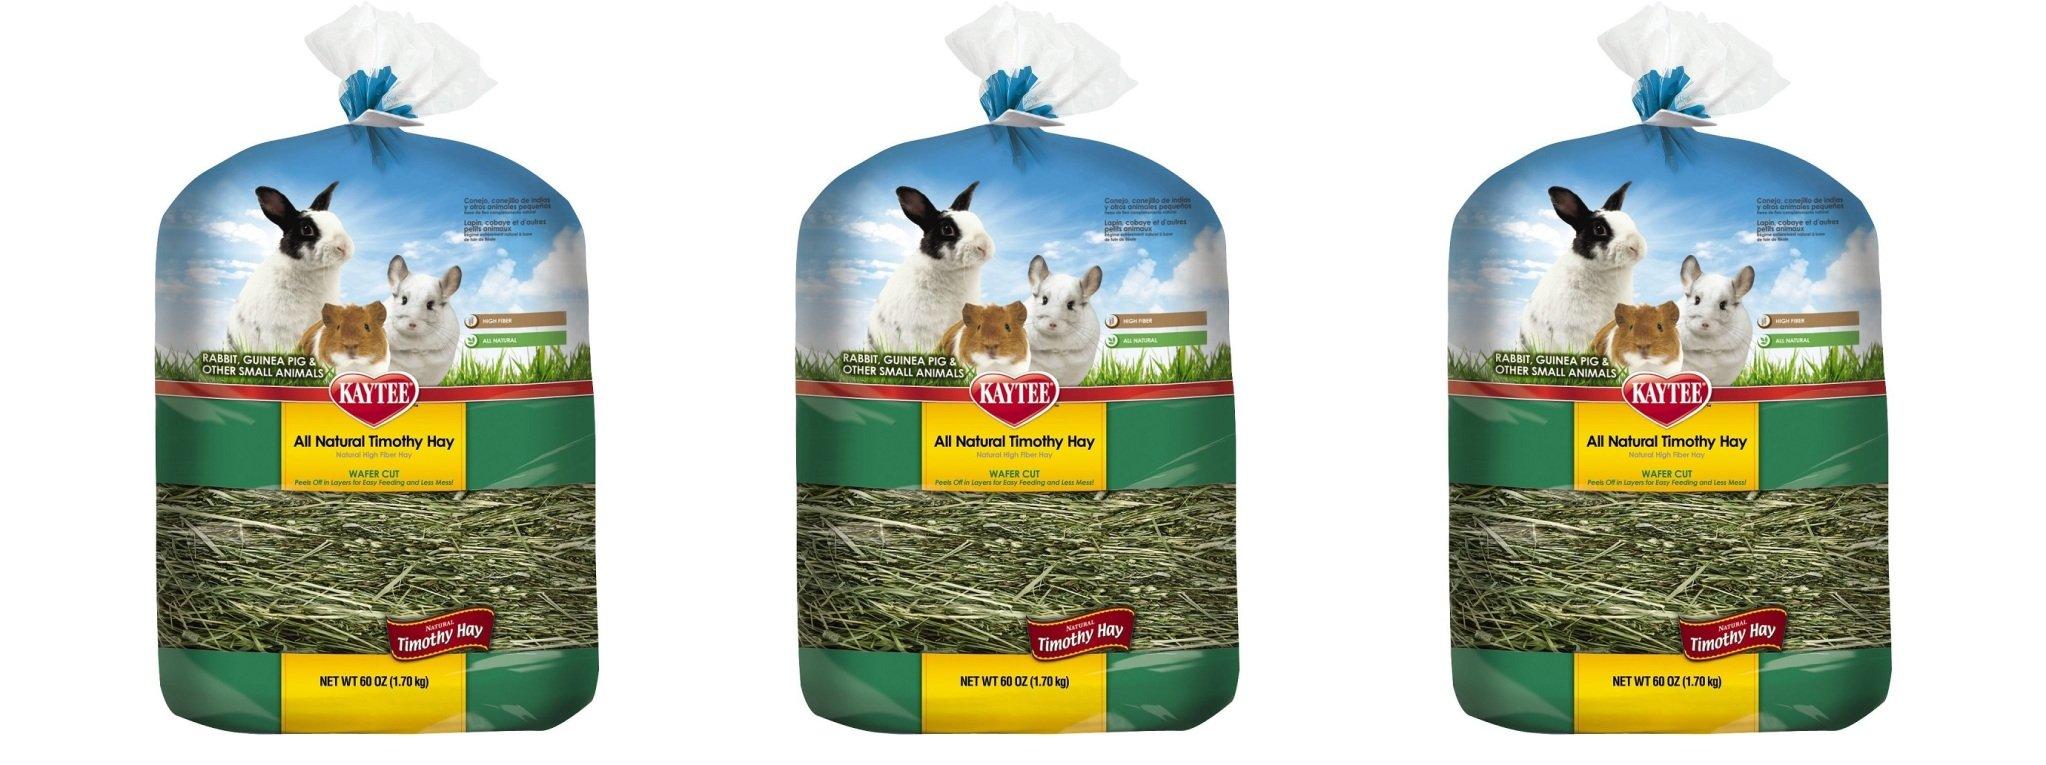 Kaytee All Natural lWvdja Timothy Wafer-Cut Hay for Rabbits & Small Animals, 3 Pack